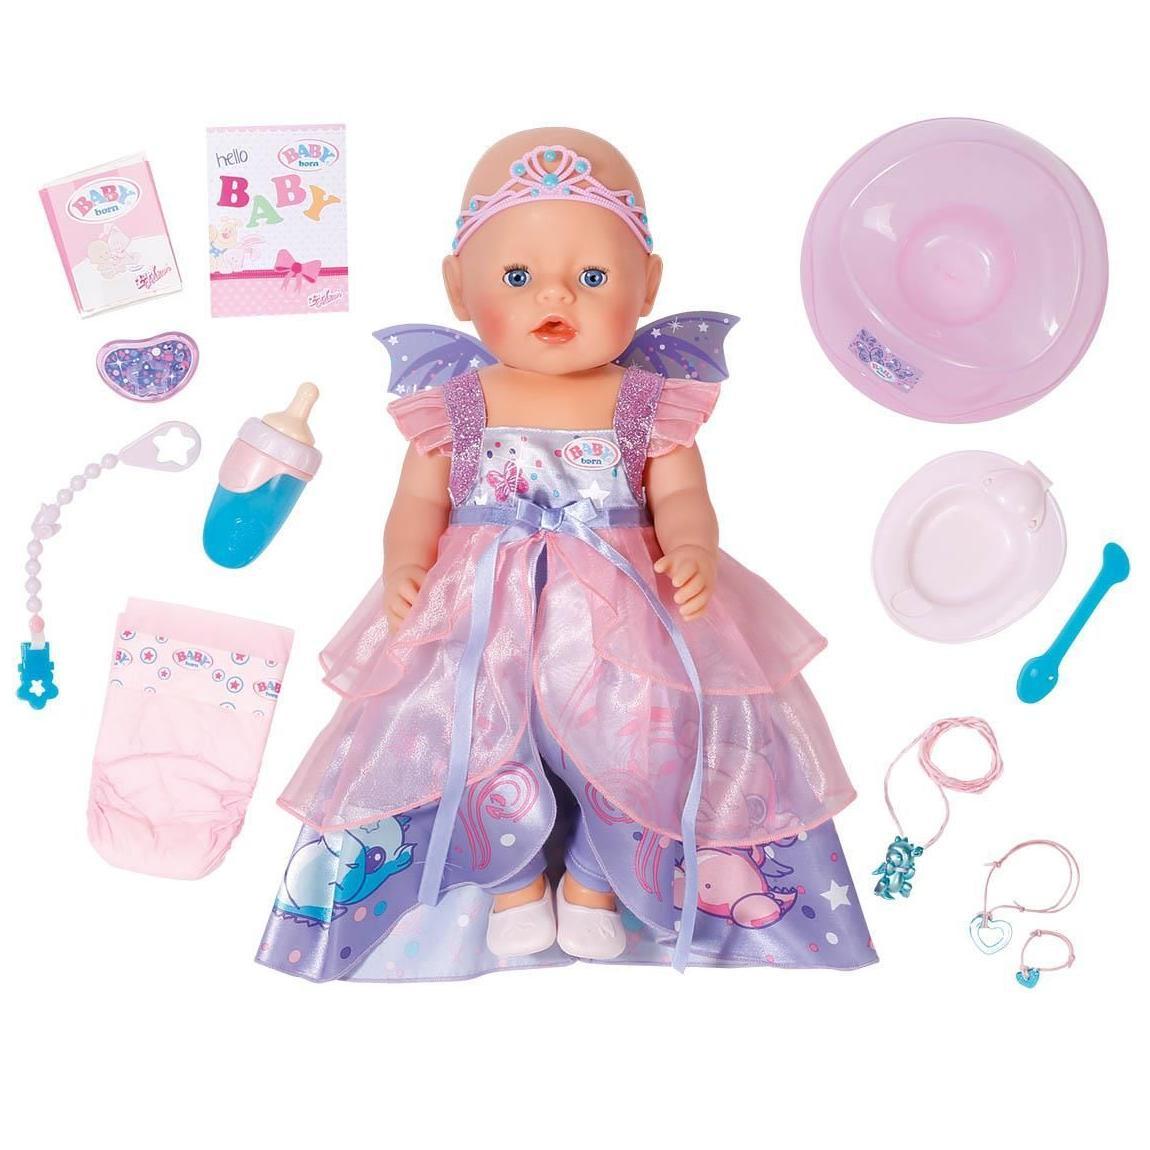 Кукла интерактивная Волшебница из серии Baby born, 43 см. от Toyway